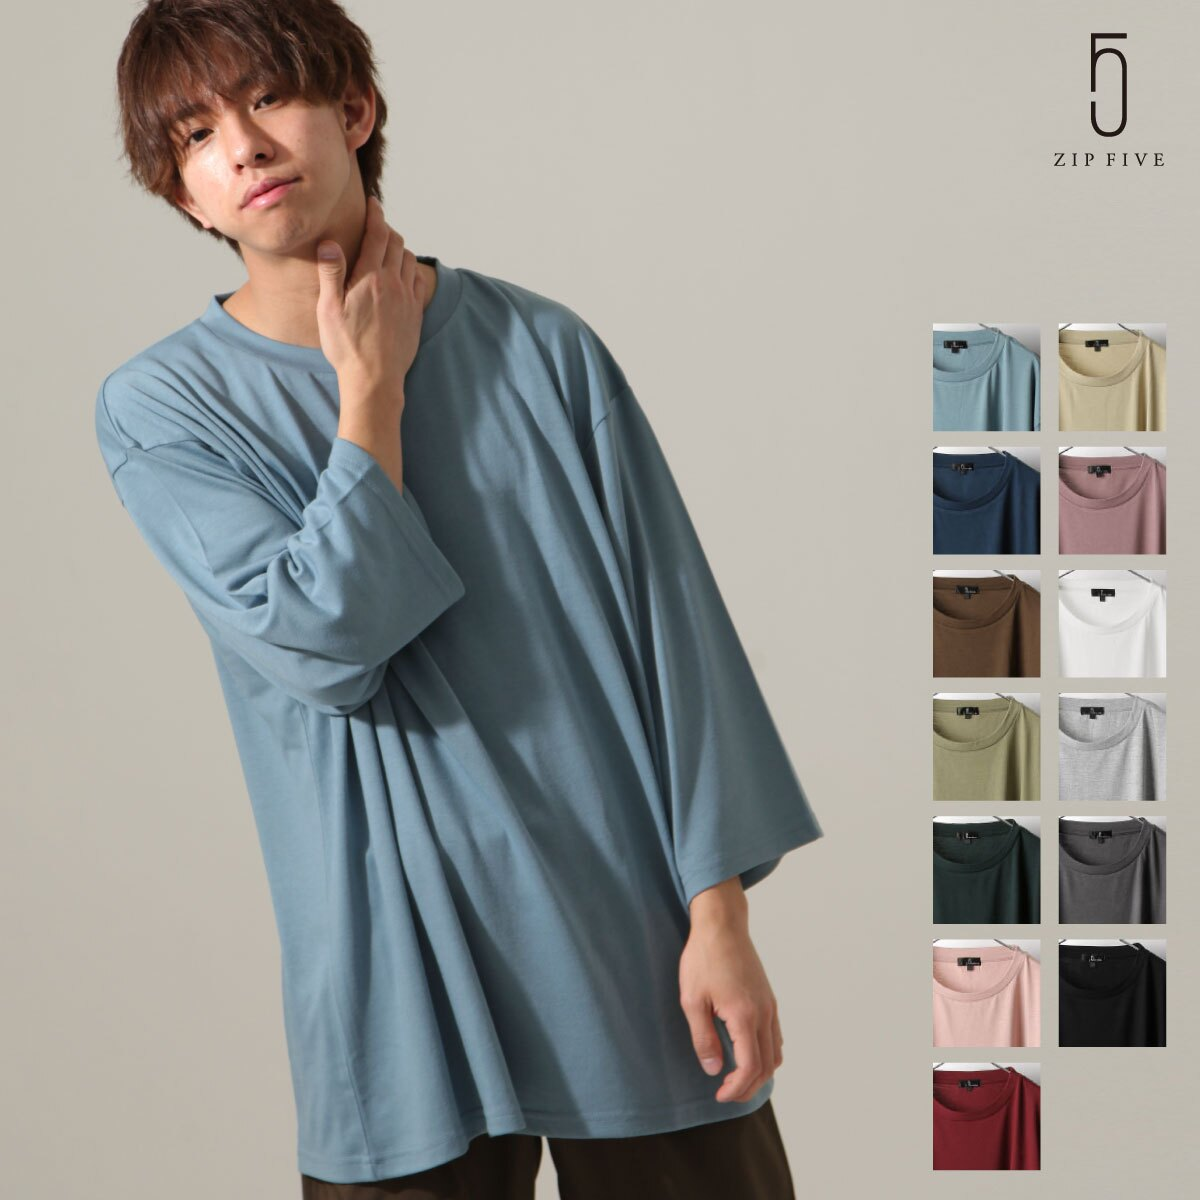 【New】ZIP 七分袖T恤 寬版 0